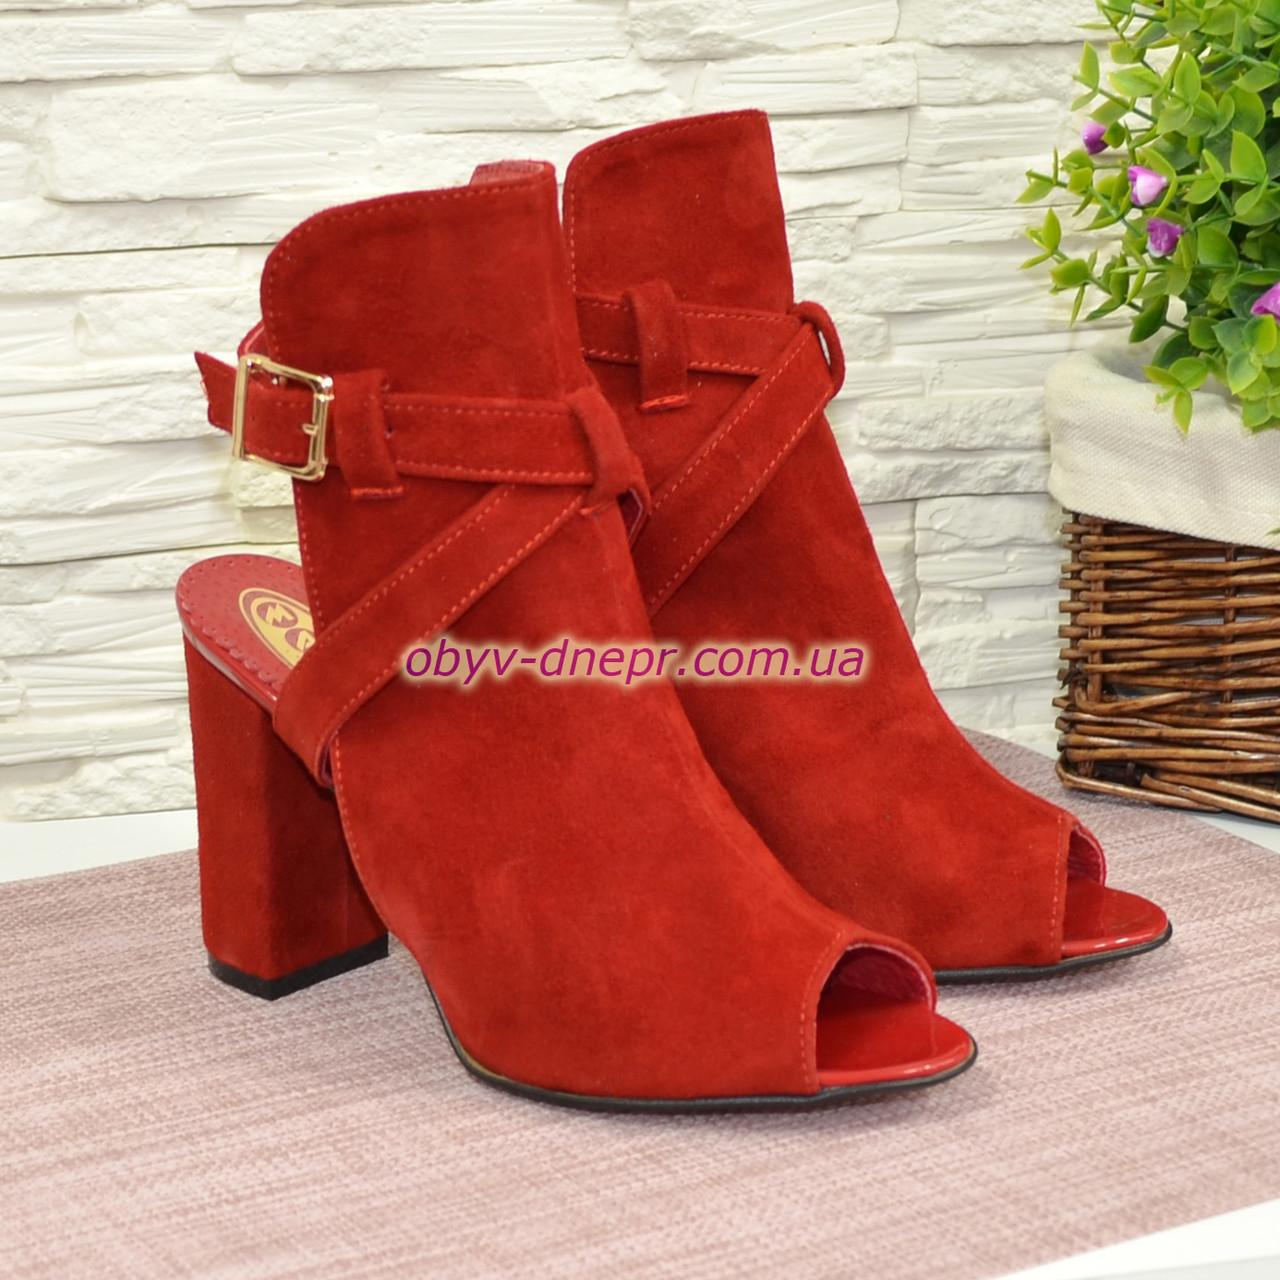 Женские красные босоножки на высоком устойчивом каблуке